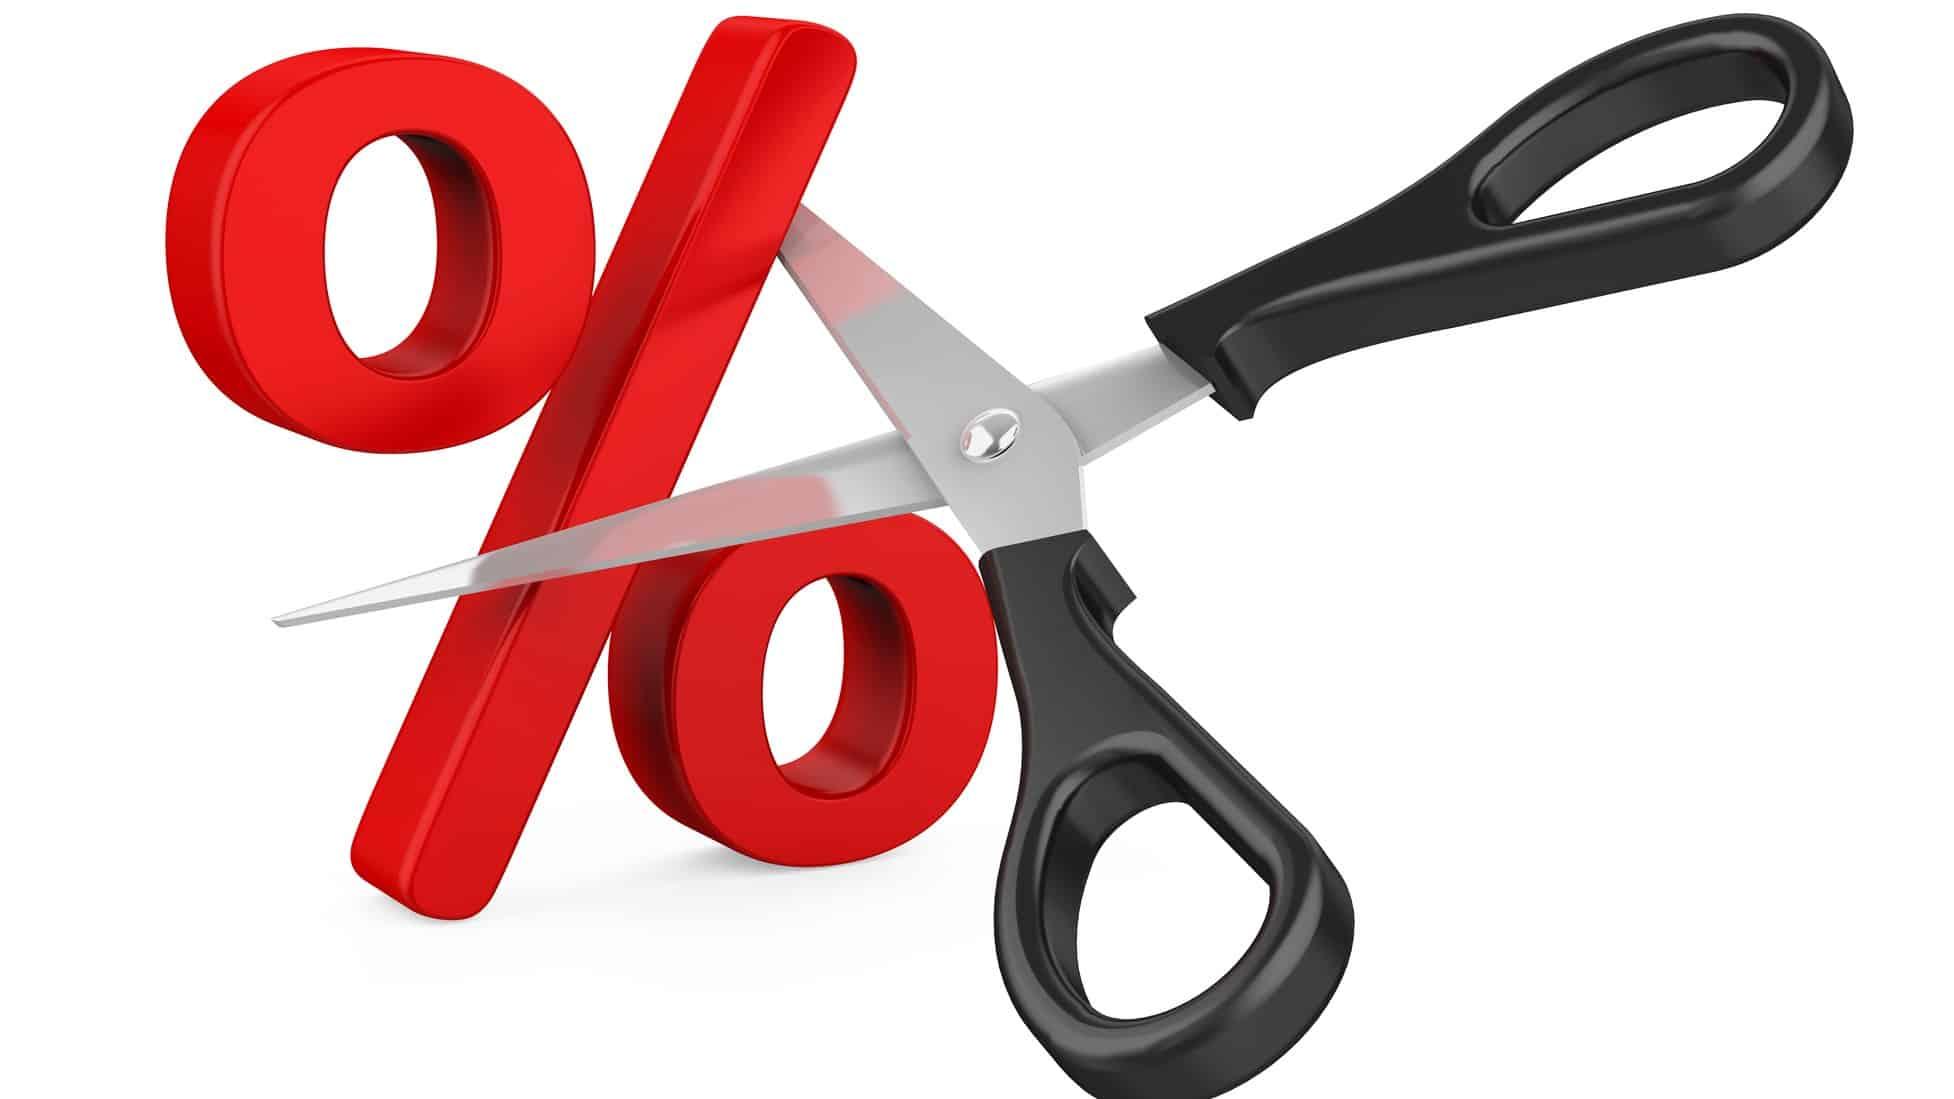 Cut interest rates